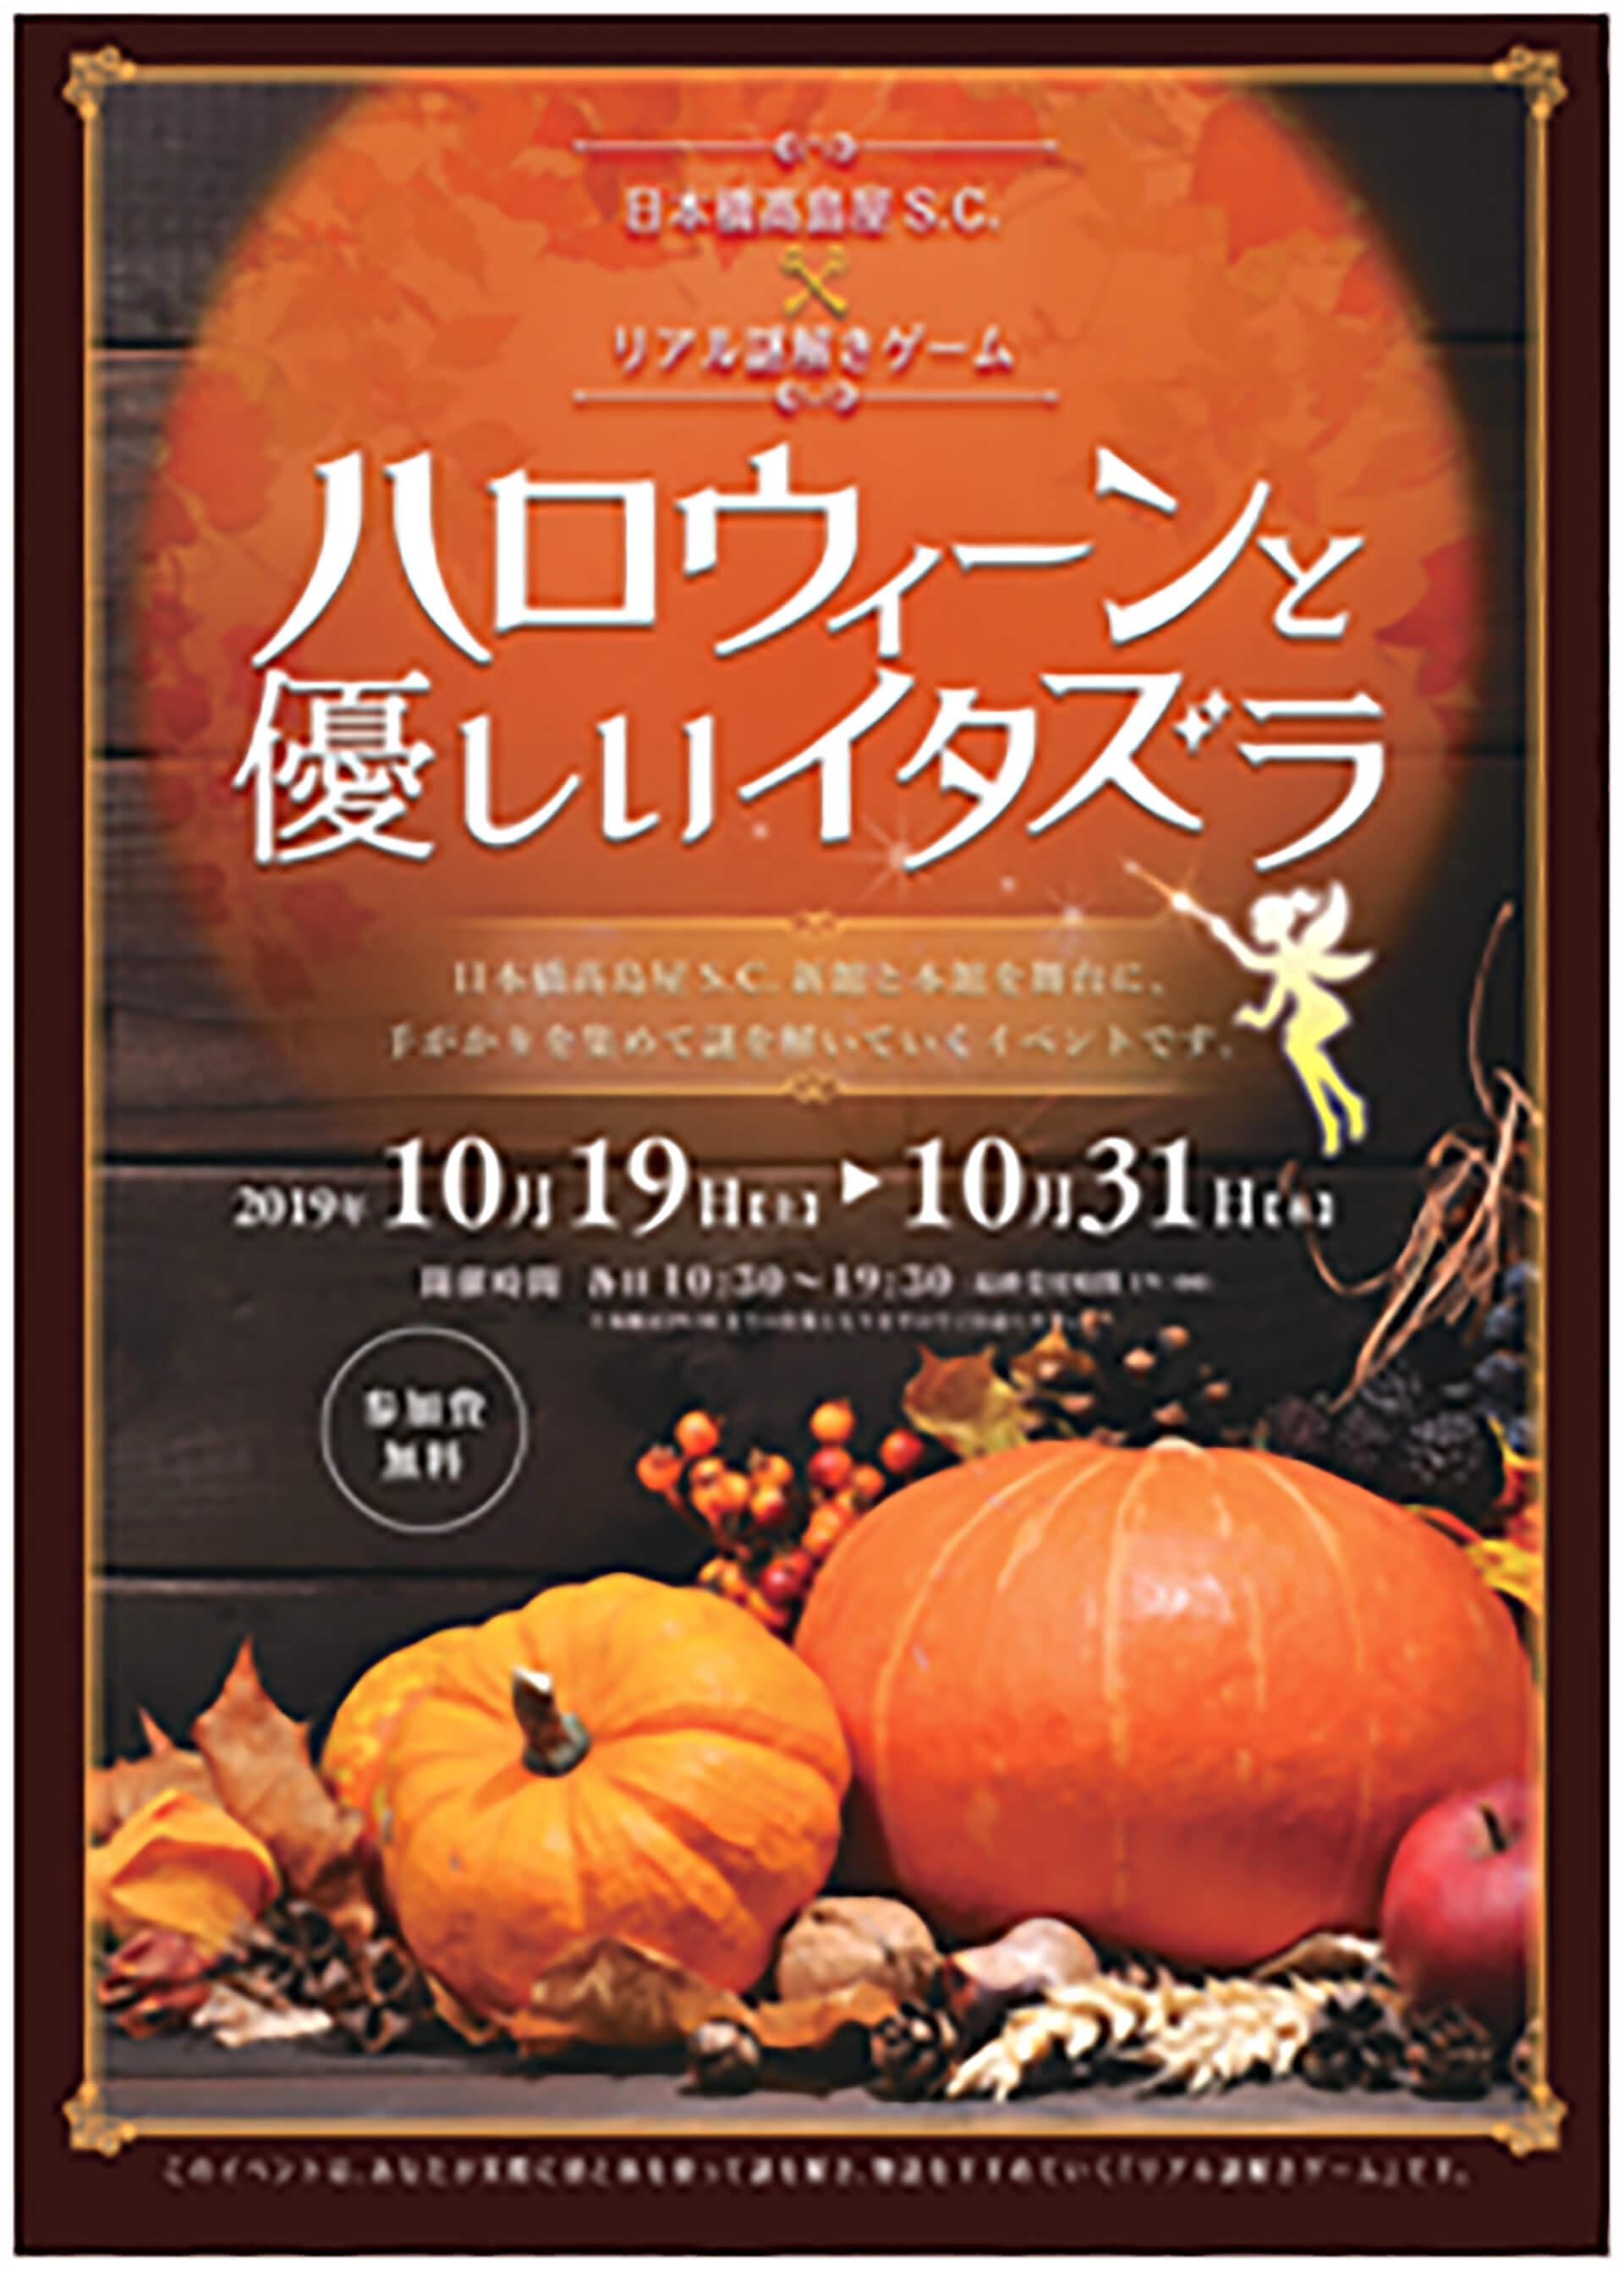 日本橋高島屋S.C.×リアル謎解きゲーム ハロウィーンと優しいイタズラ